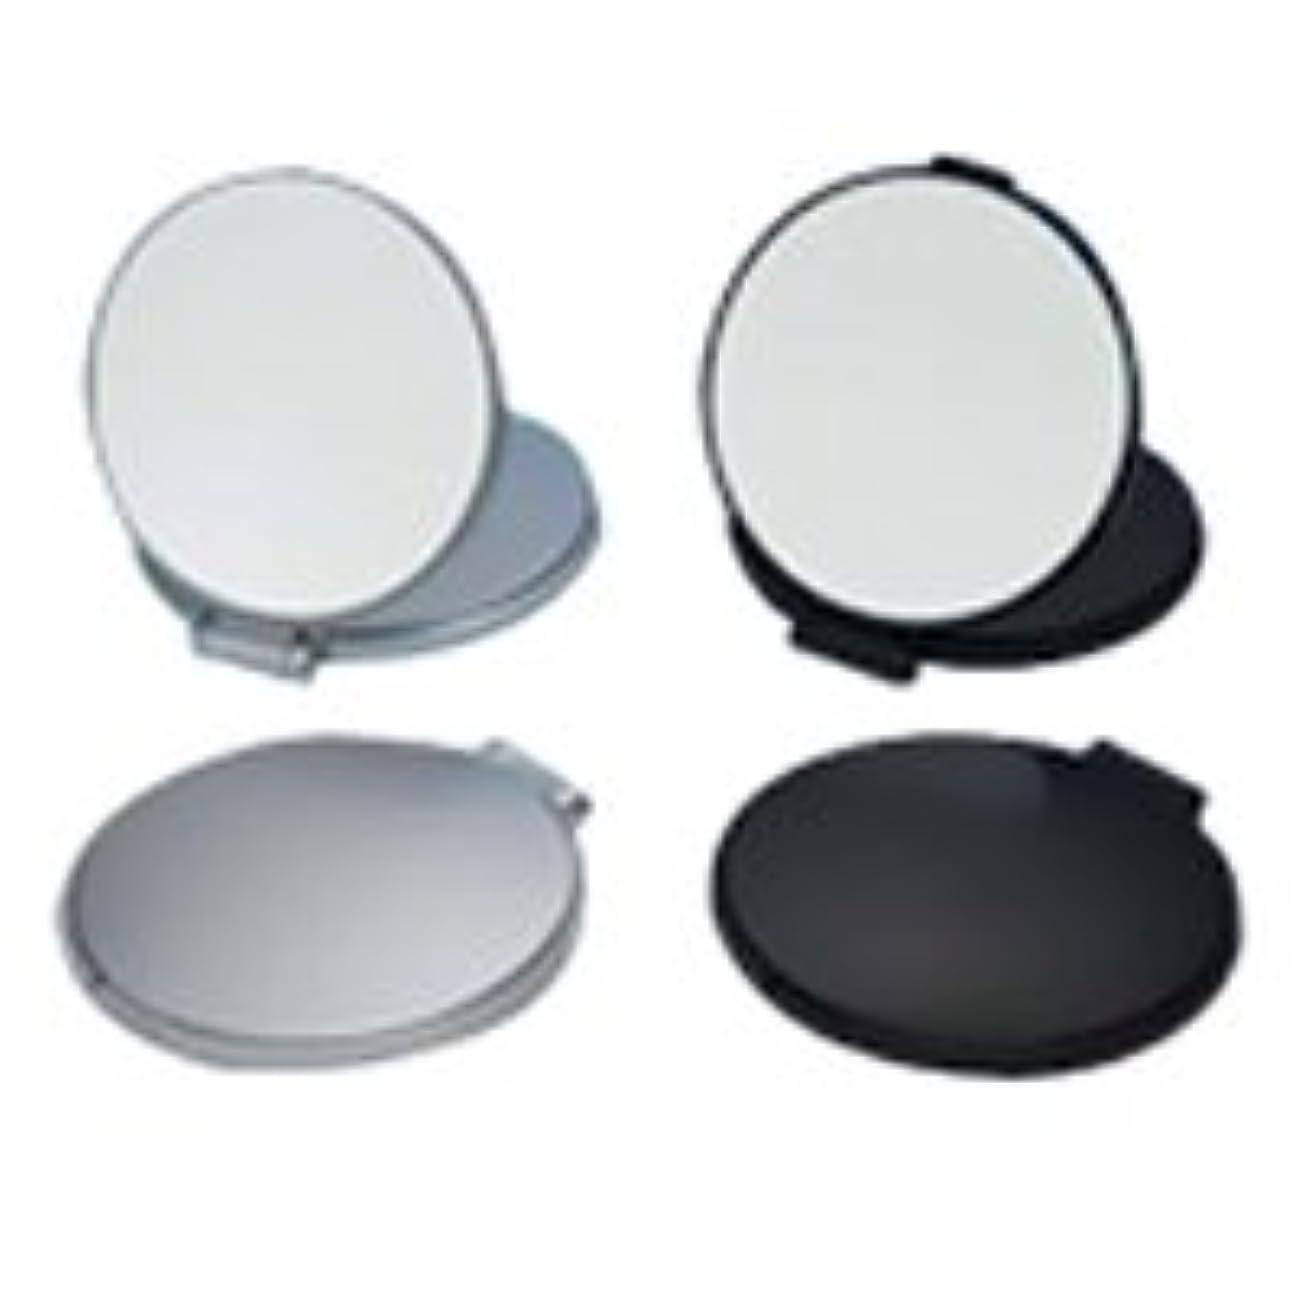 考古学的な起点廃棄コンパクトミラー 拡大鏡 メイク 拡大ミラー ナピュアミラー 鏡 リアルズームアップ プラス 両面 5倍 RC-05 堀内鏡工業※このページは「シルバー」のみの販売です◆シルバー